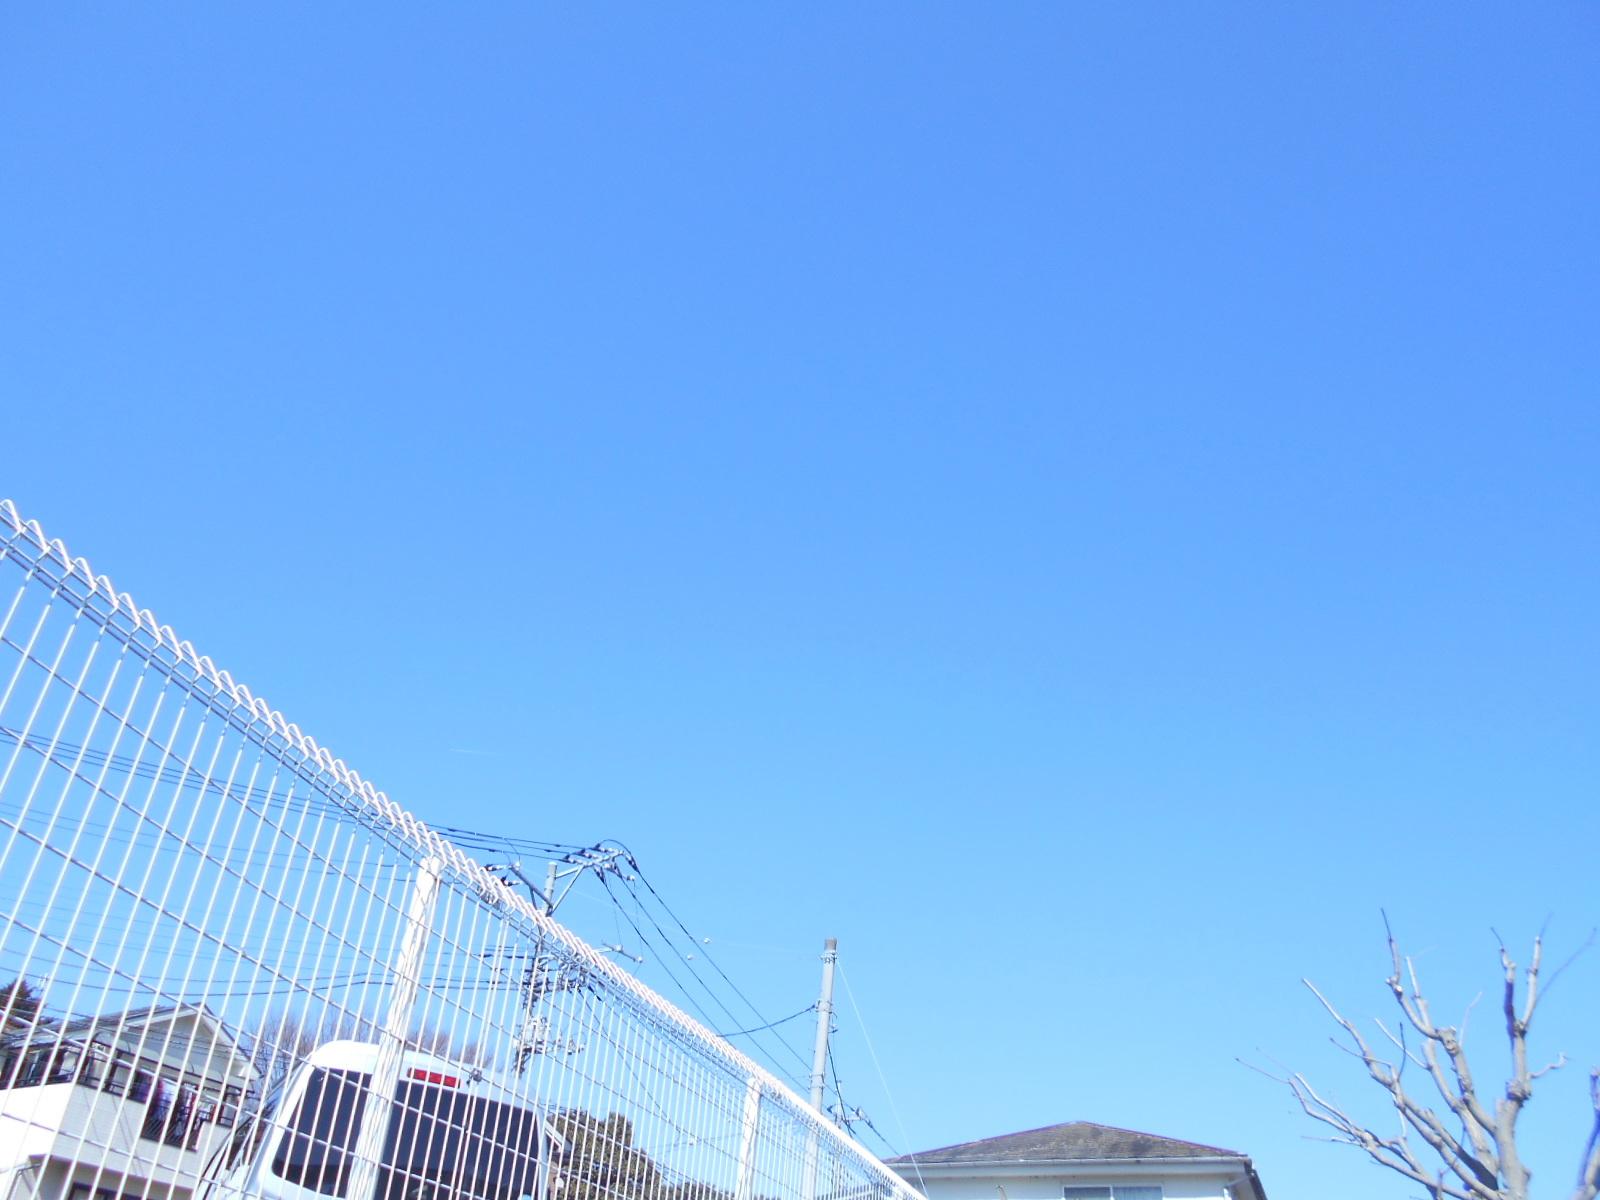 DSCN8606.jpg